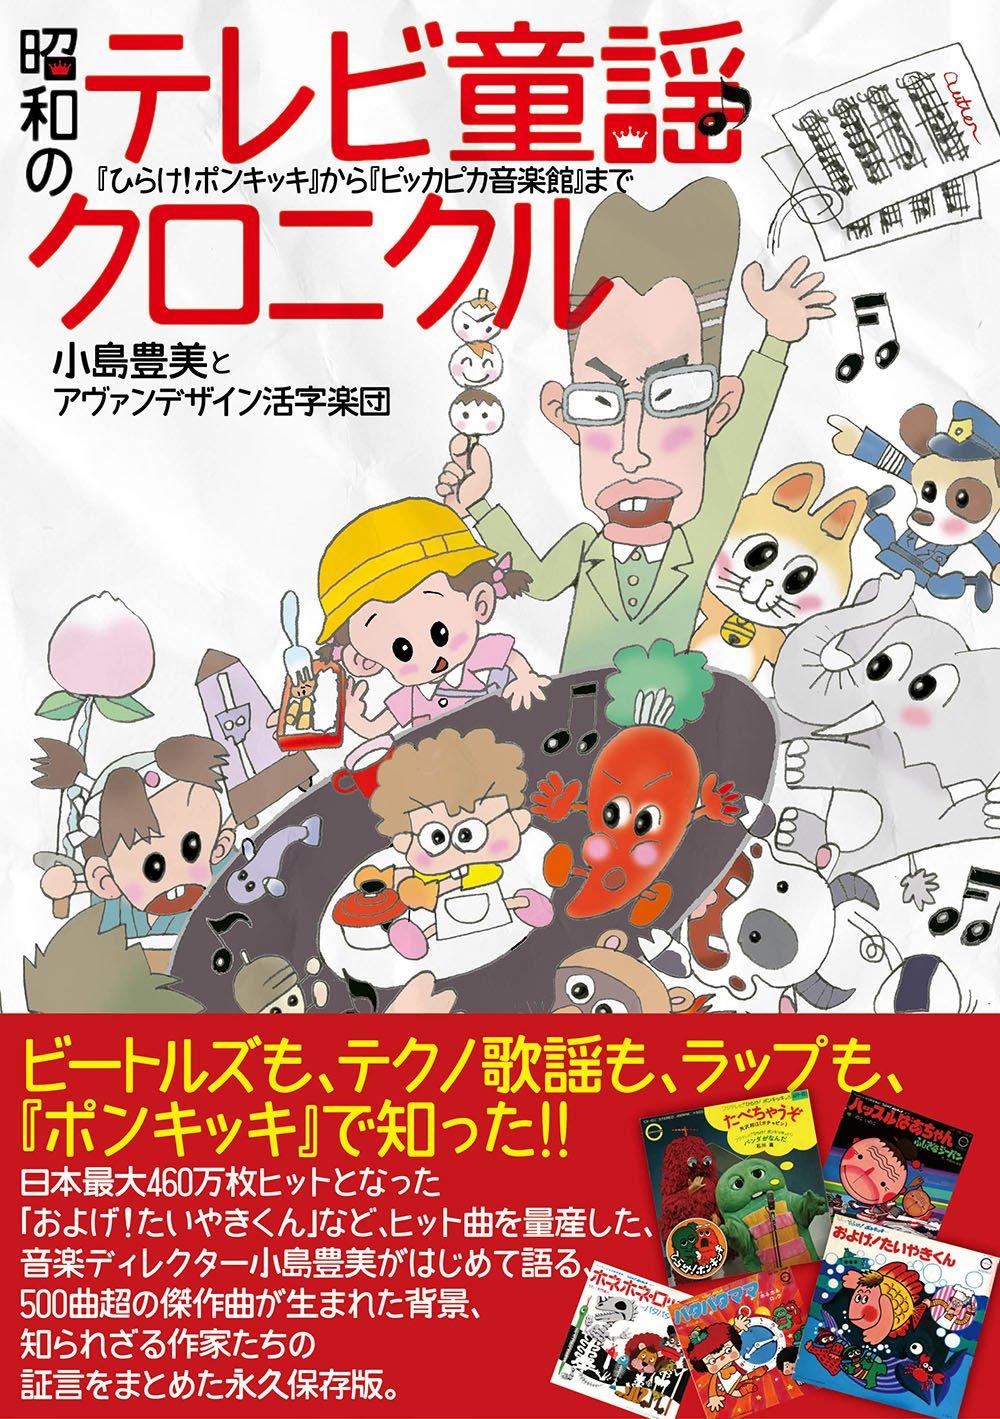 Showa no terebi doyo kuronikuru : Hirake ponkikki kara pikkapika ongakukan made. PDF